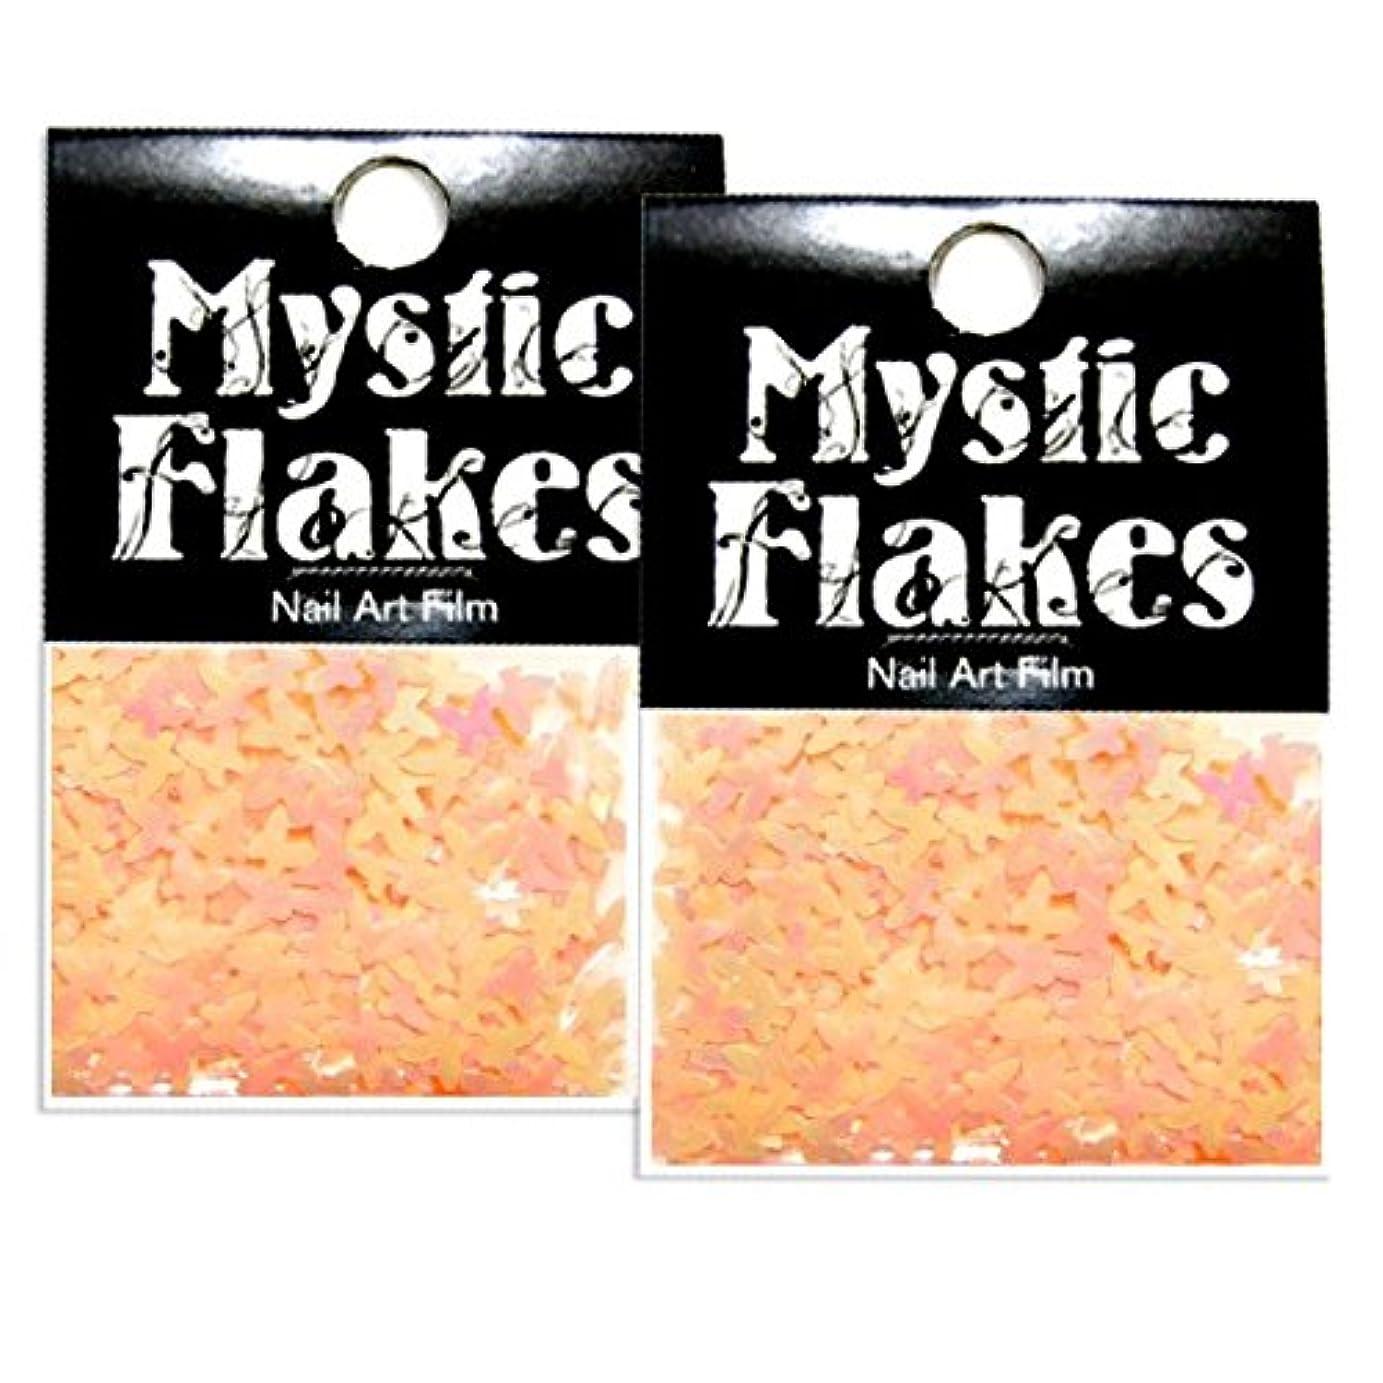 塩永続バンジョーミスティックフレース ネイル用ストーン ルミネオレンジ バタフライ 0.5g 2個セット